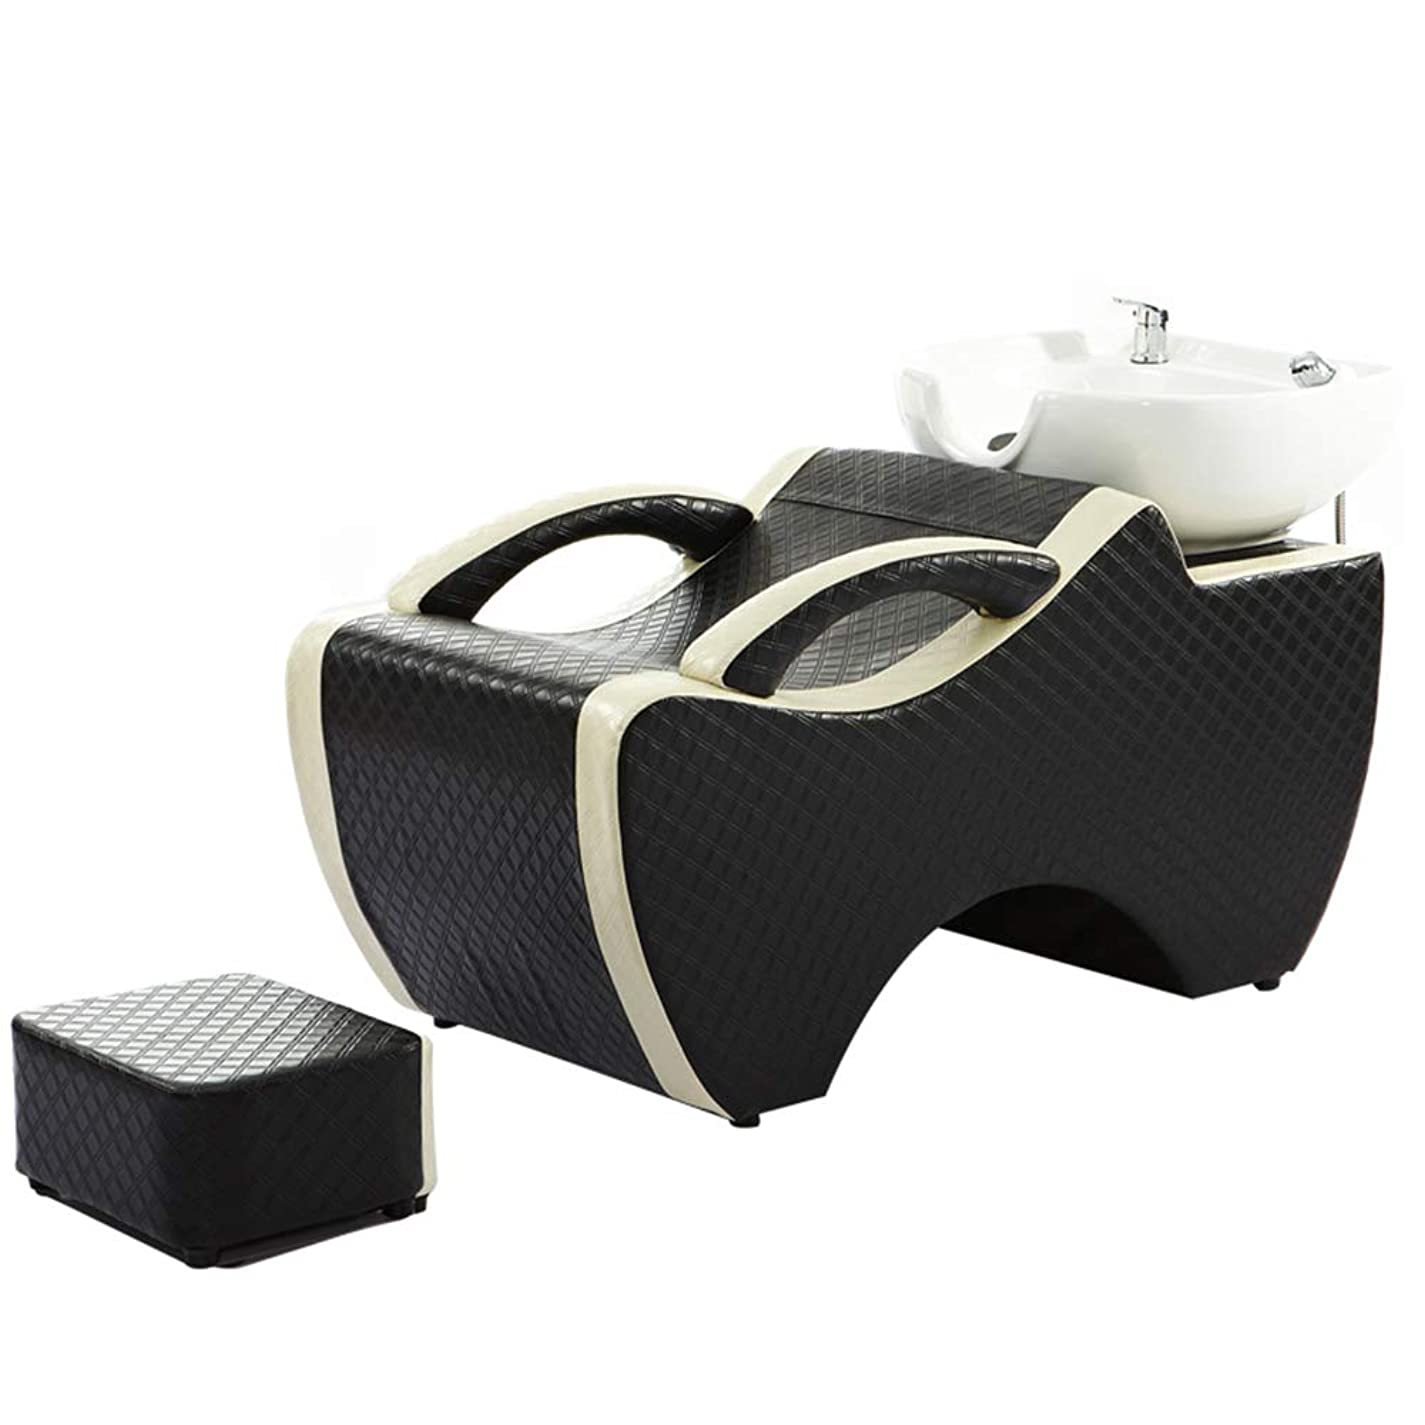 離れた暴露するアンテナシャンプー椅子、逆洗ユニットシャンプーボウル理髪シンク椅子用スパ美容院ベッドセラミック洗面台